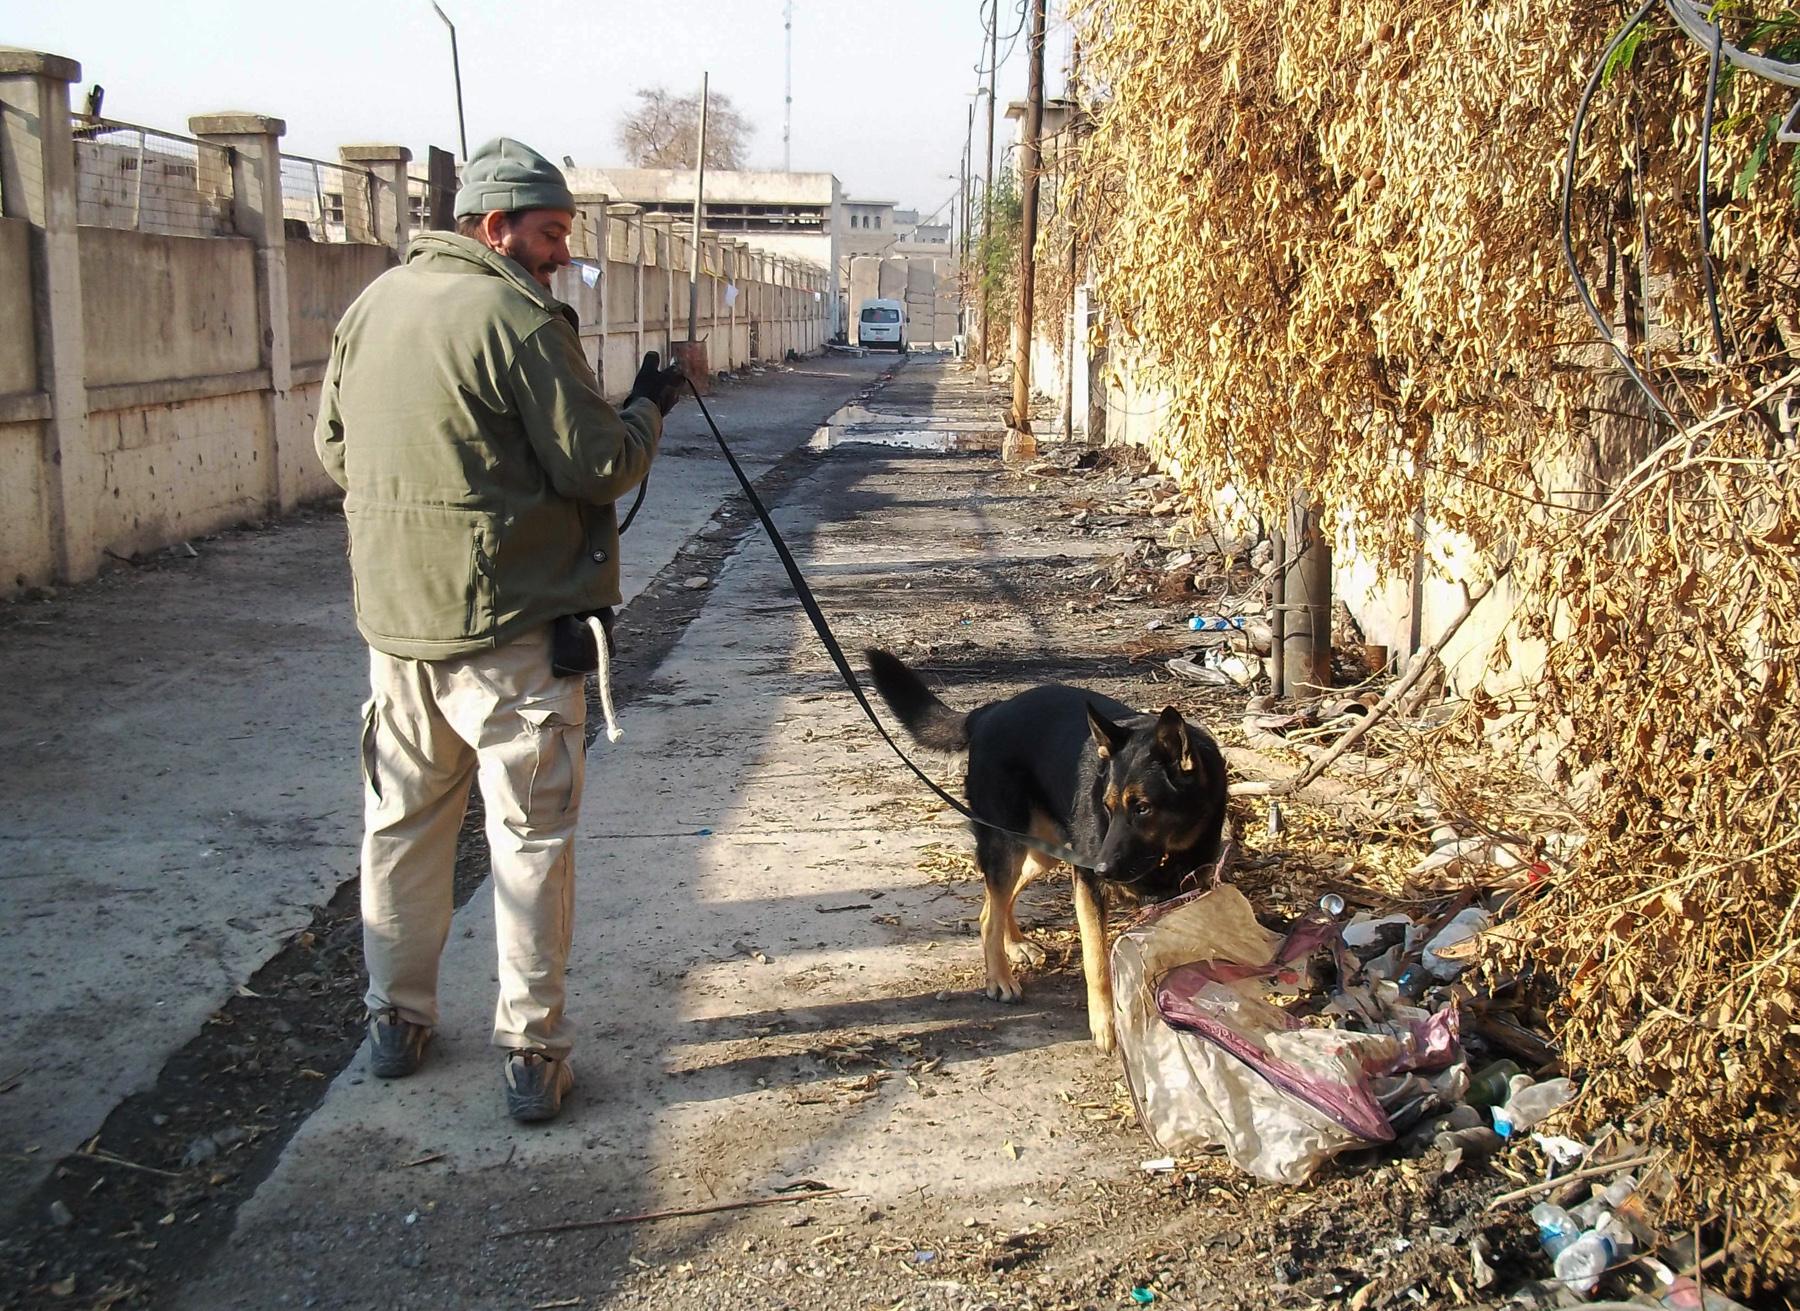 Hombre caminando con un perro con correa que investiga desechos a lo largo de un camino (Foto cedida)